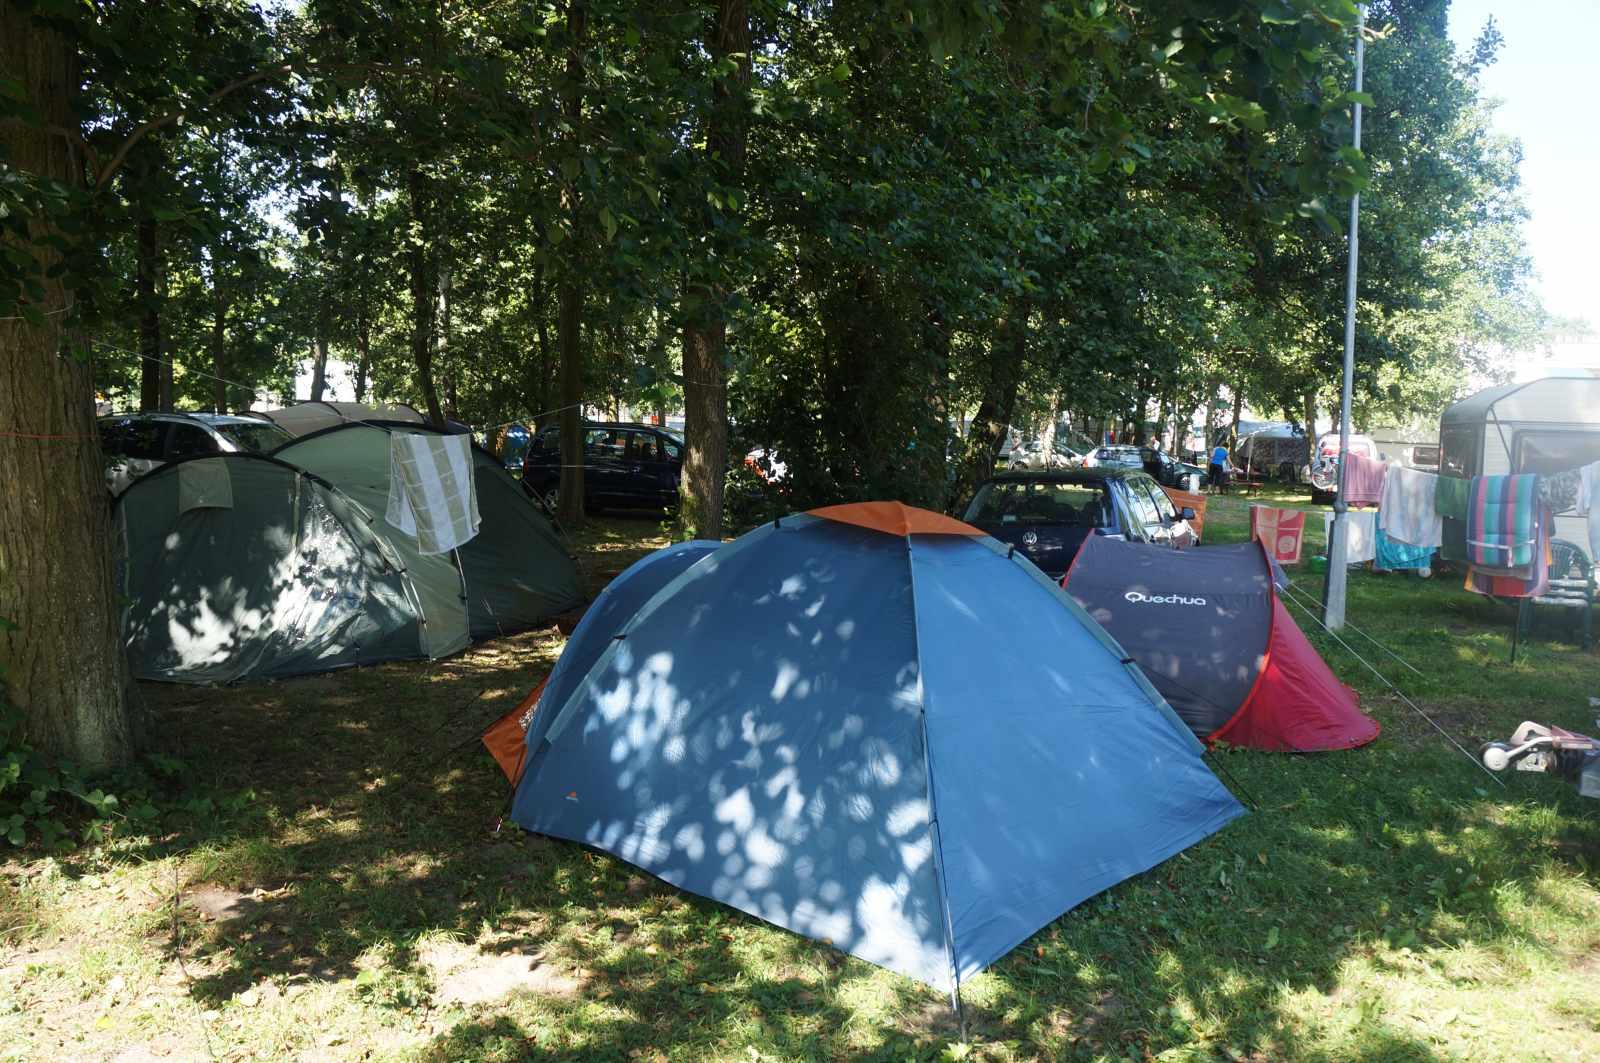 domki na wakacje chorwacja 6 osobowe 2016